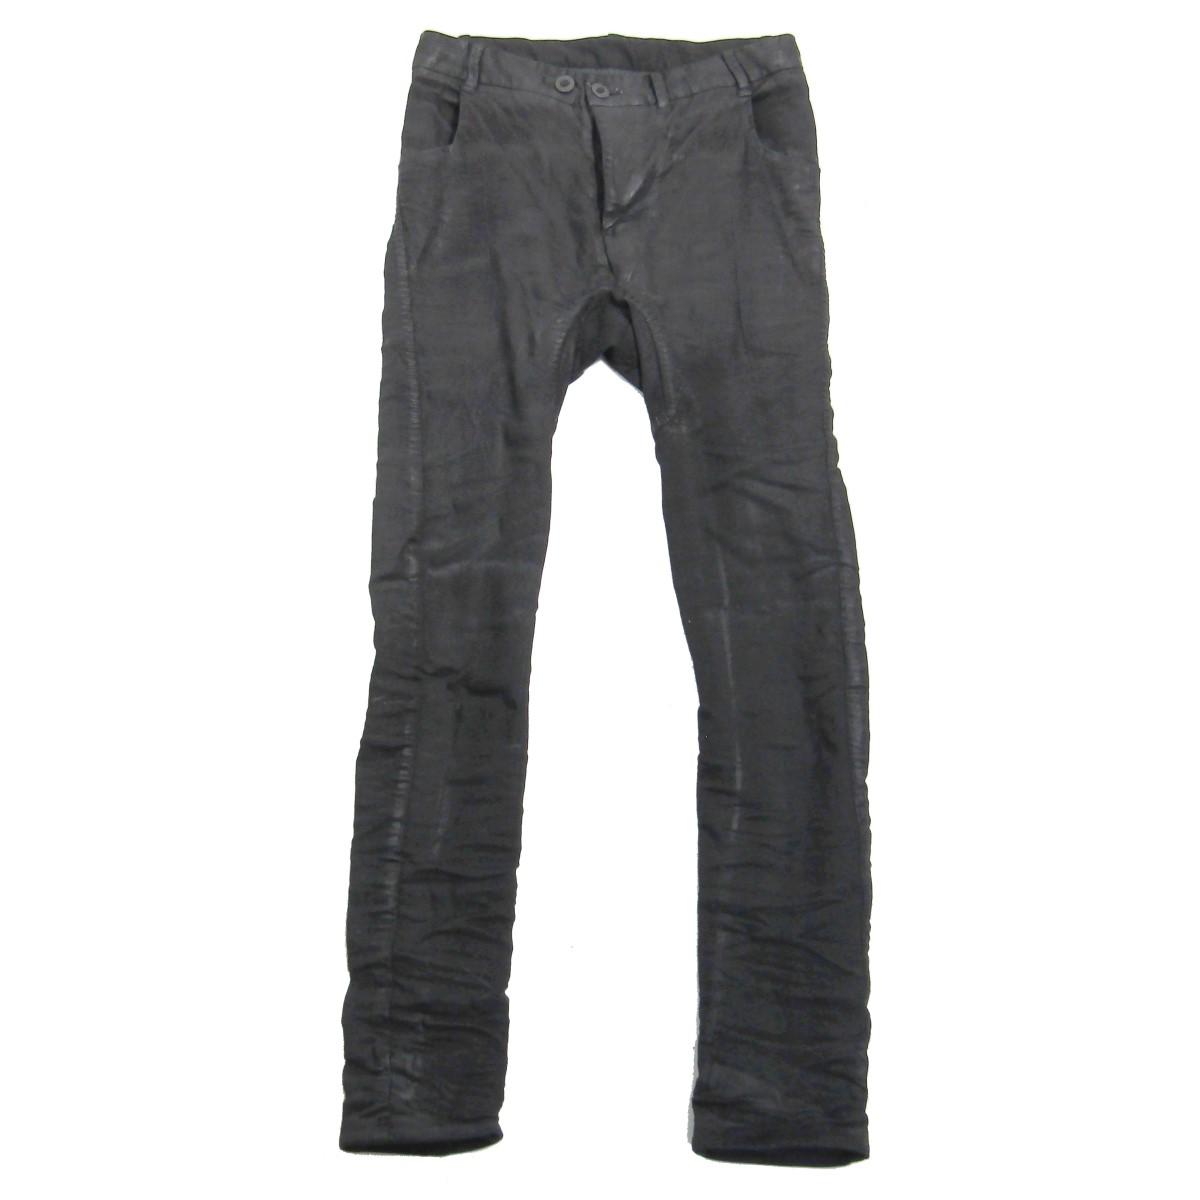 メンズファッション, ズボン・パンツ BORIS BIDJAN SABERI 2021SS P14 2H HAND STITCHED F1939 S 190721